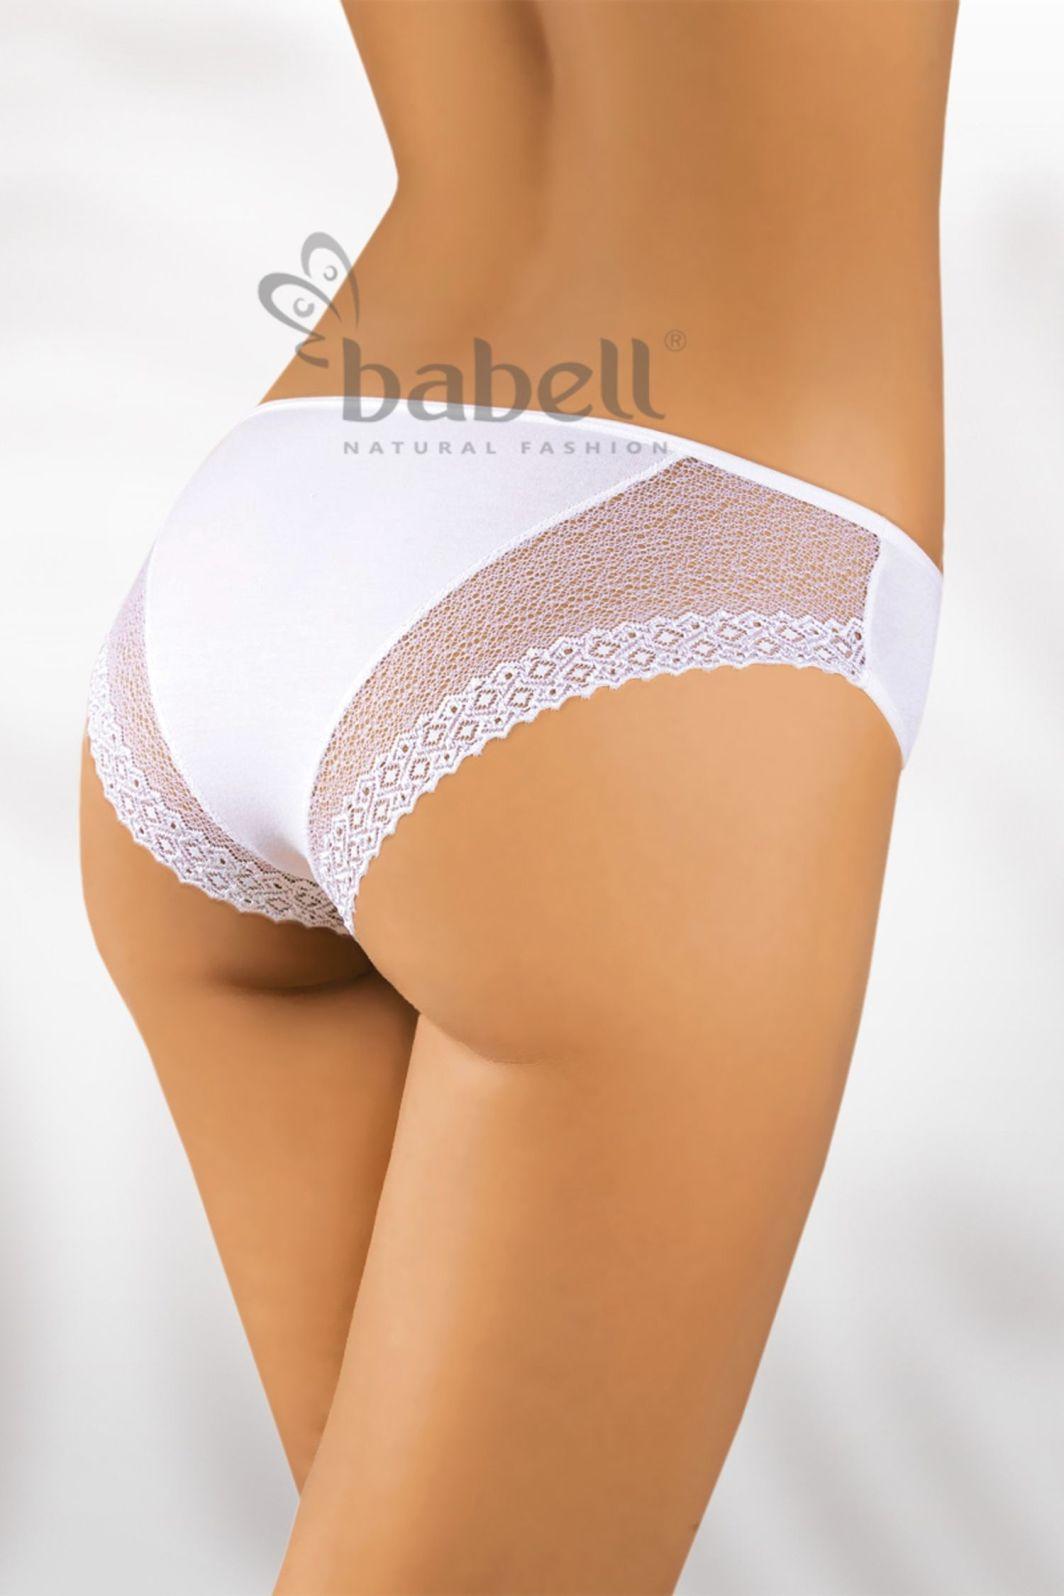 Babell Figi damskie BBL-012 białe r. S 1